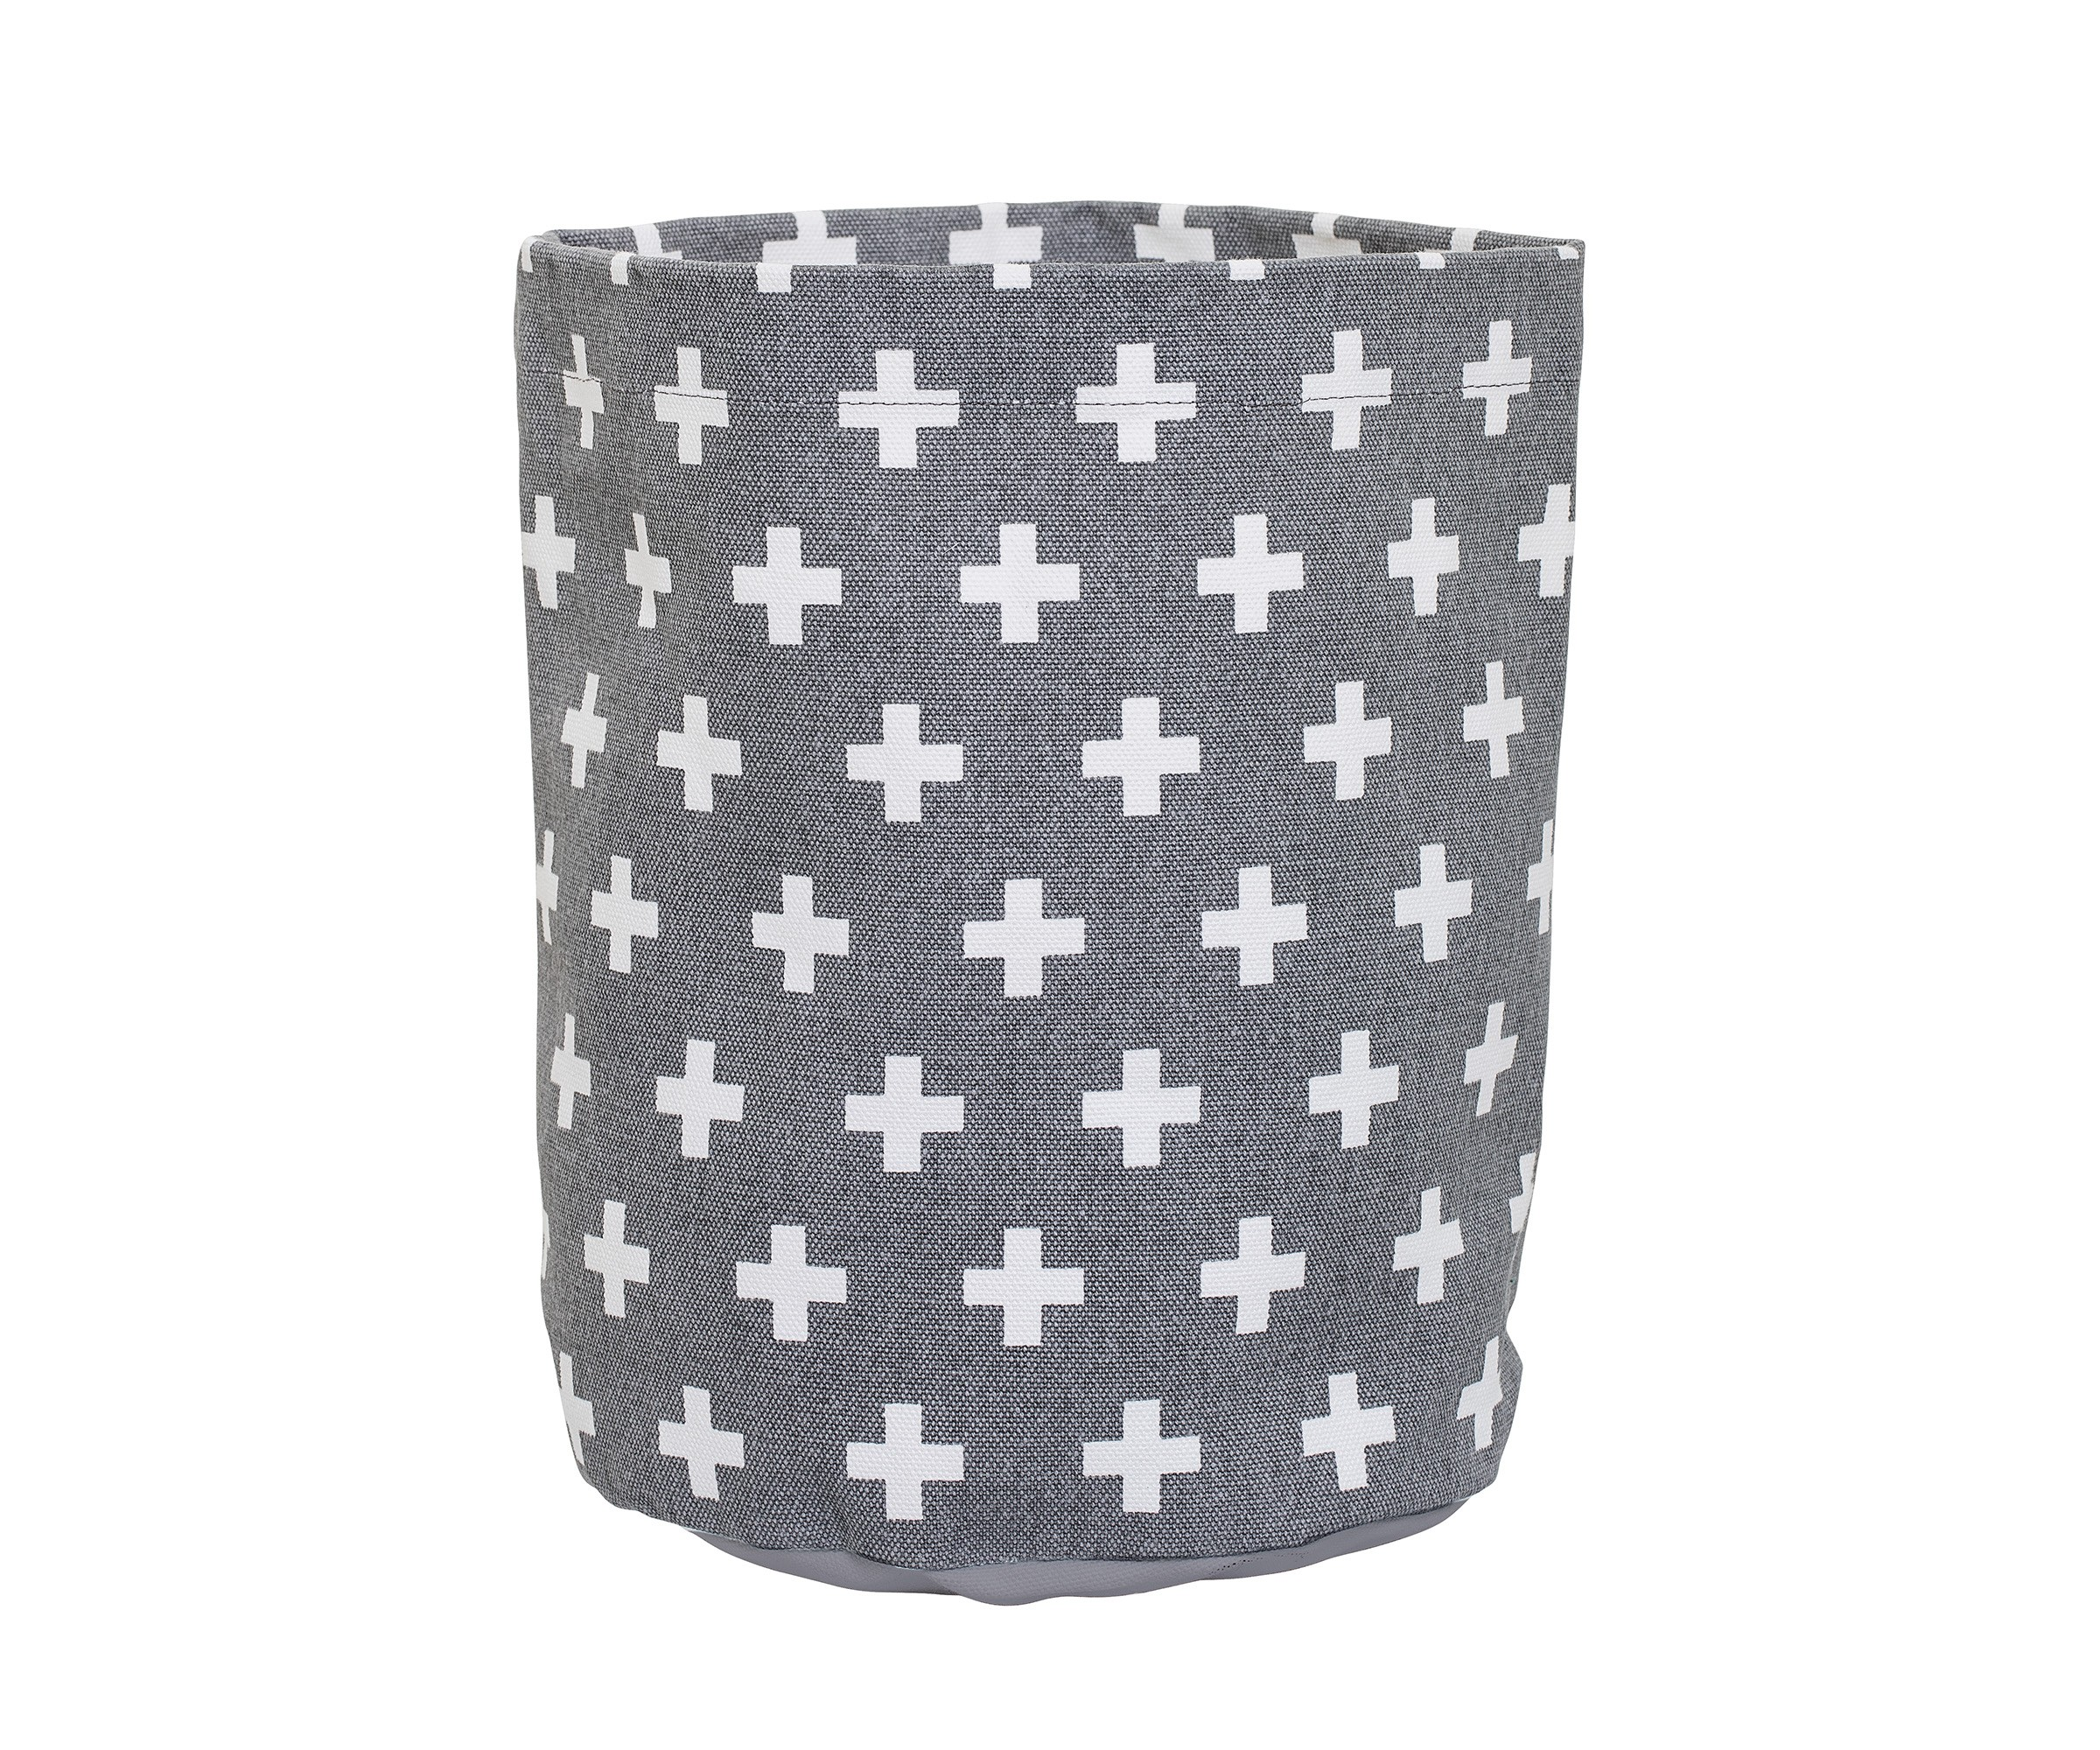 Сумка для хранения PlusАксессуары для кухни<br><br><br>Material: Текстиль<br>Высота см: 25<br>Глубина см: 20